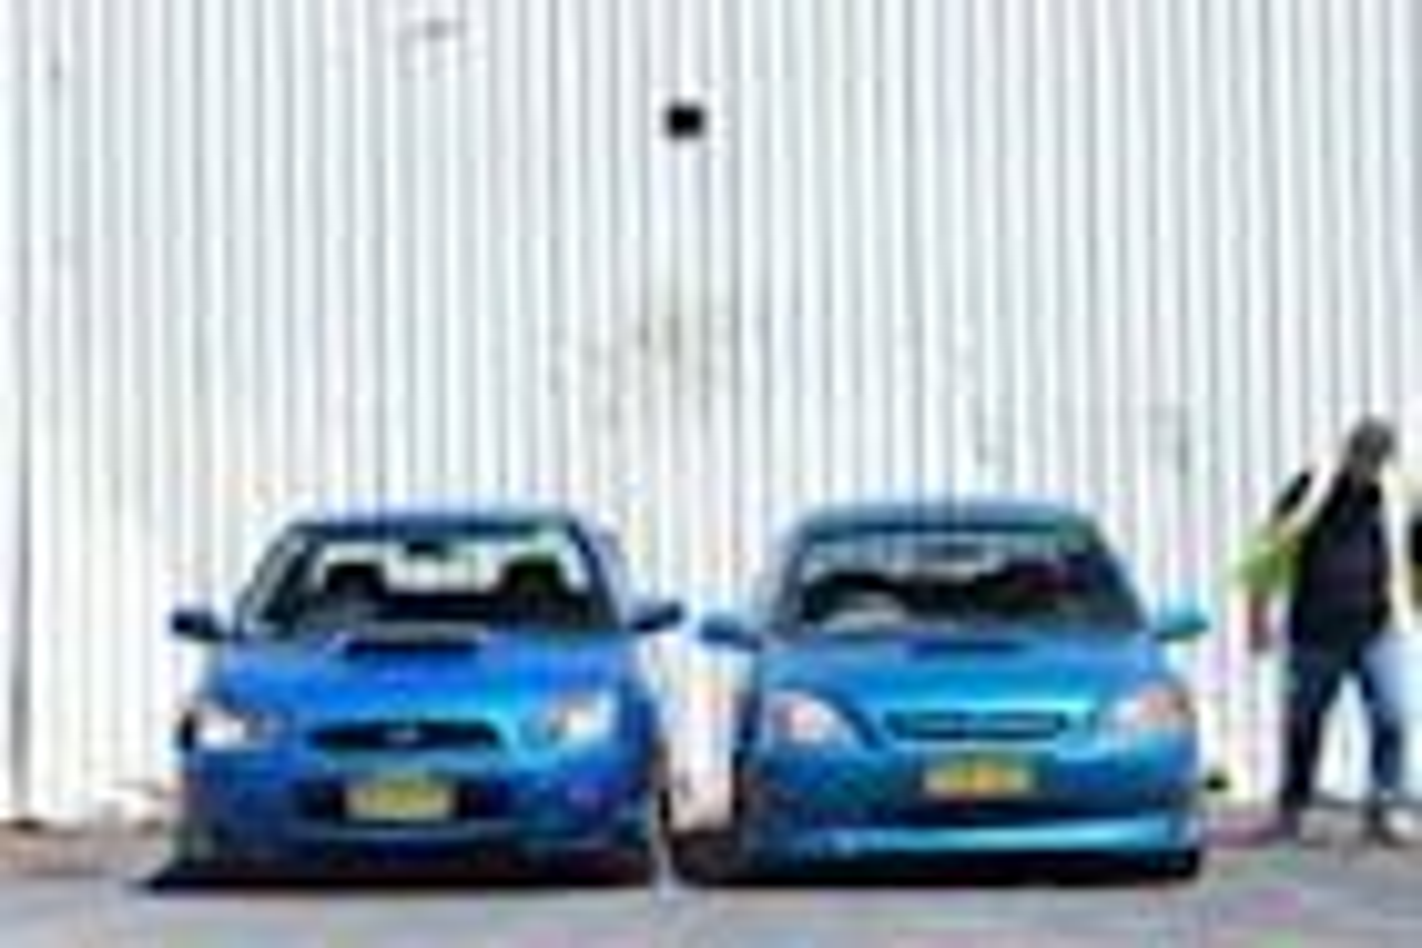 2005 Subaru Impreza WRX STi vs Kia Rio comparison review classic MOTOR